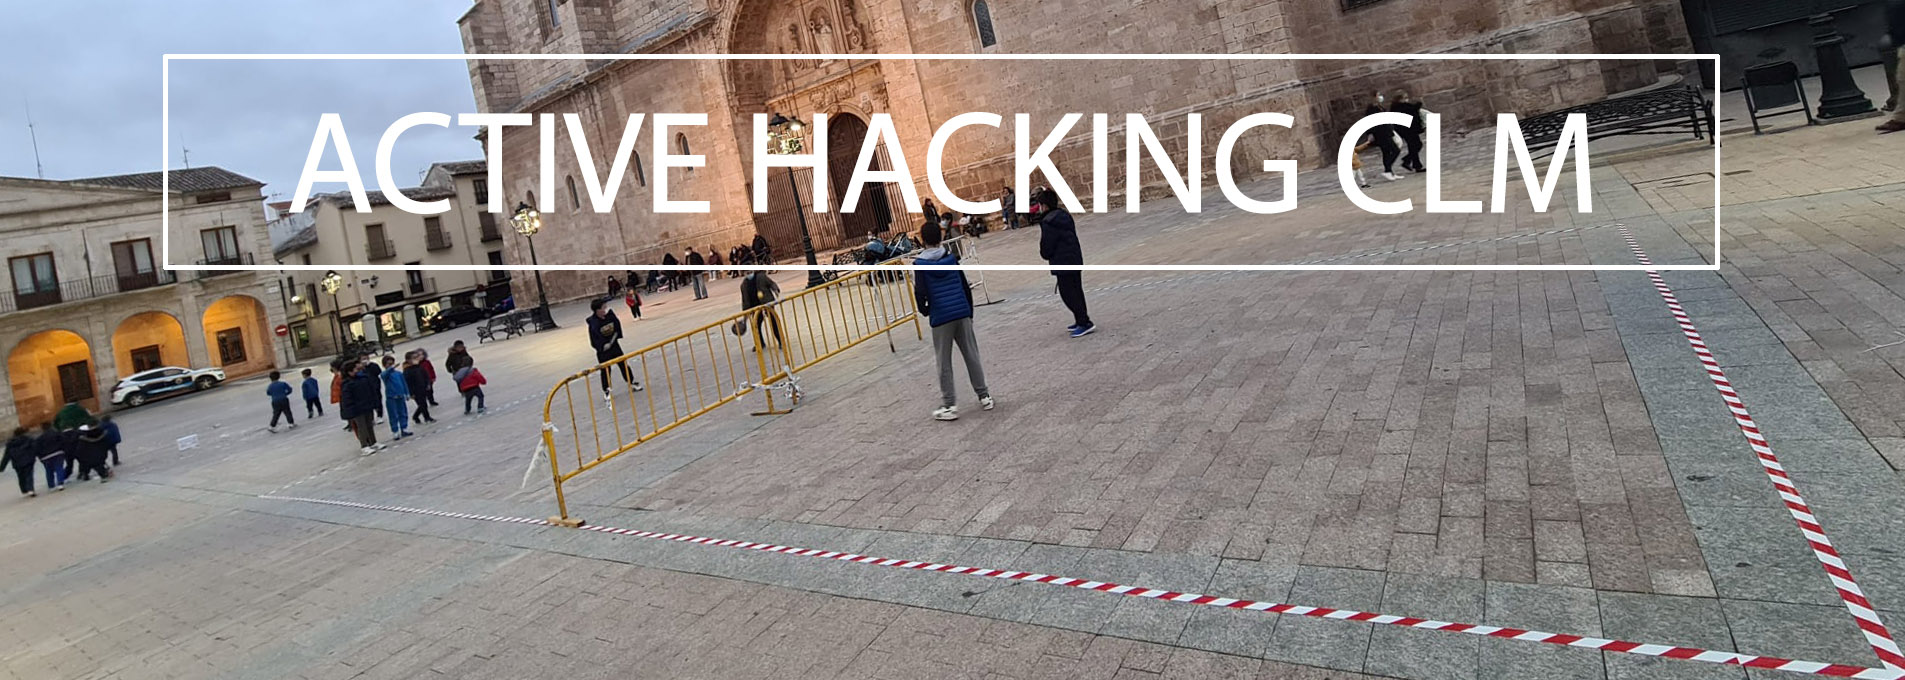 #ActiveHacking - Jugamos la calle